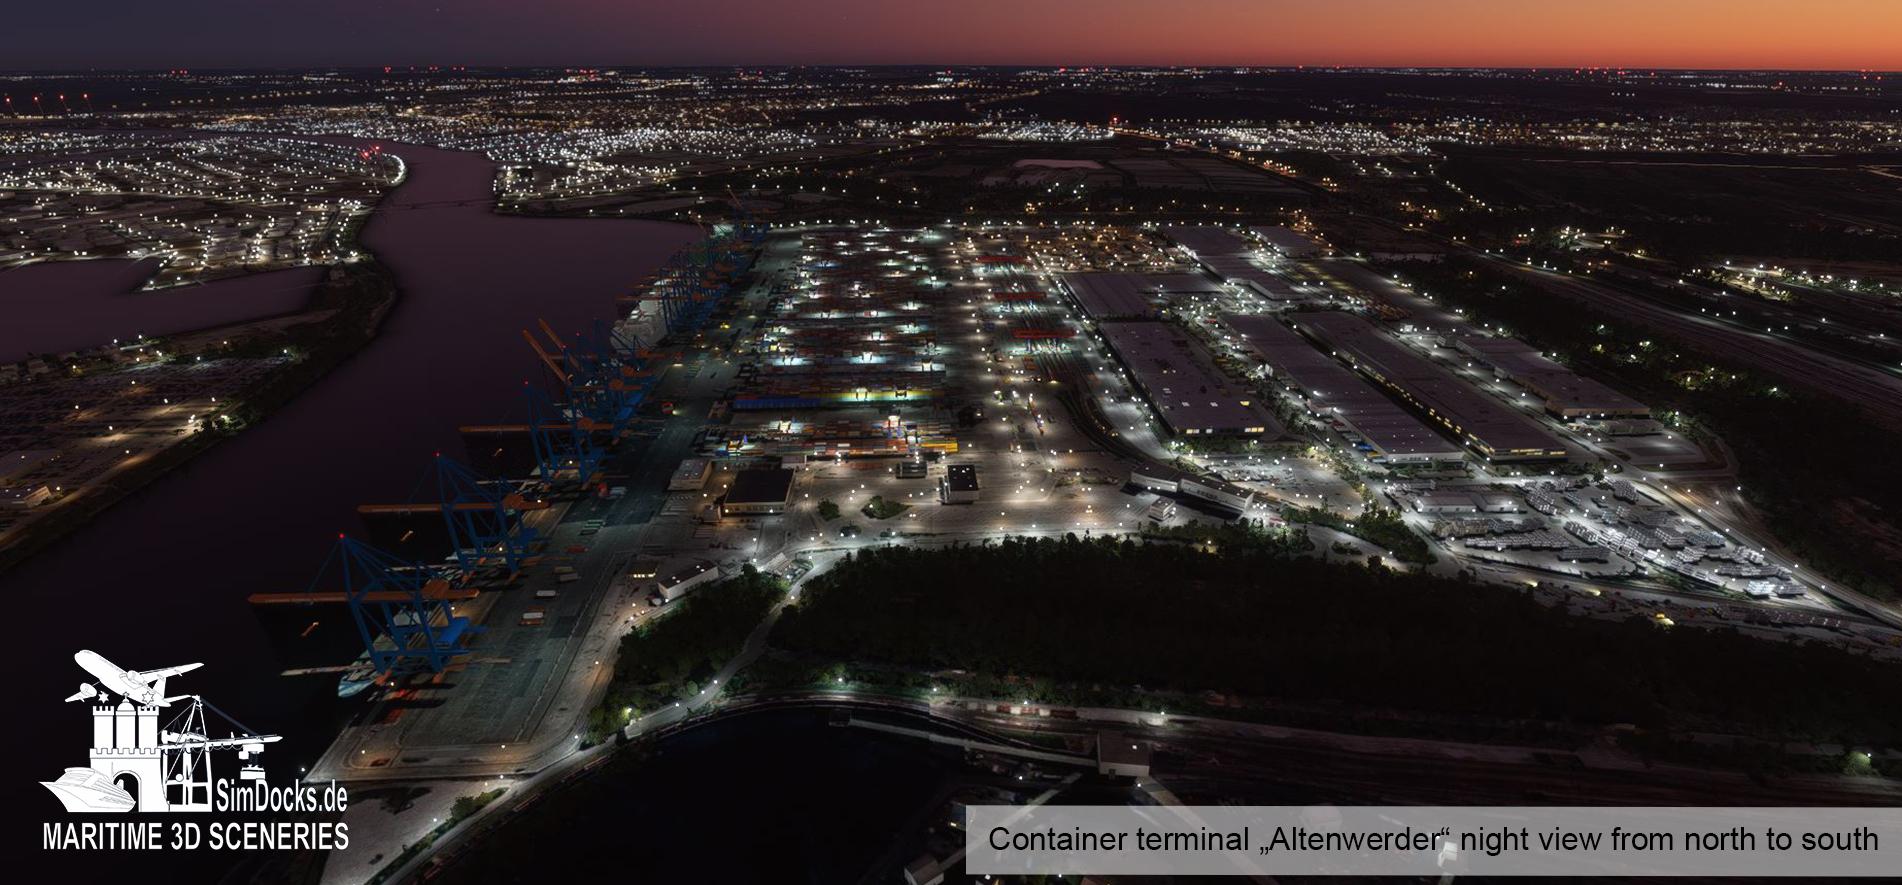 Bild26_Terminal_Altenwerder_Uebersicht_Sueden_Nacht.JPG